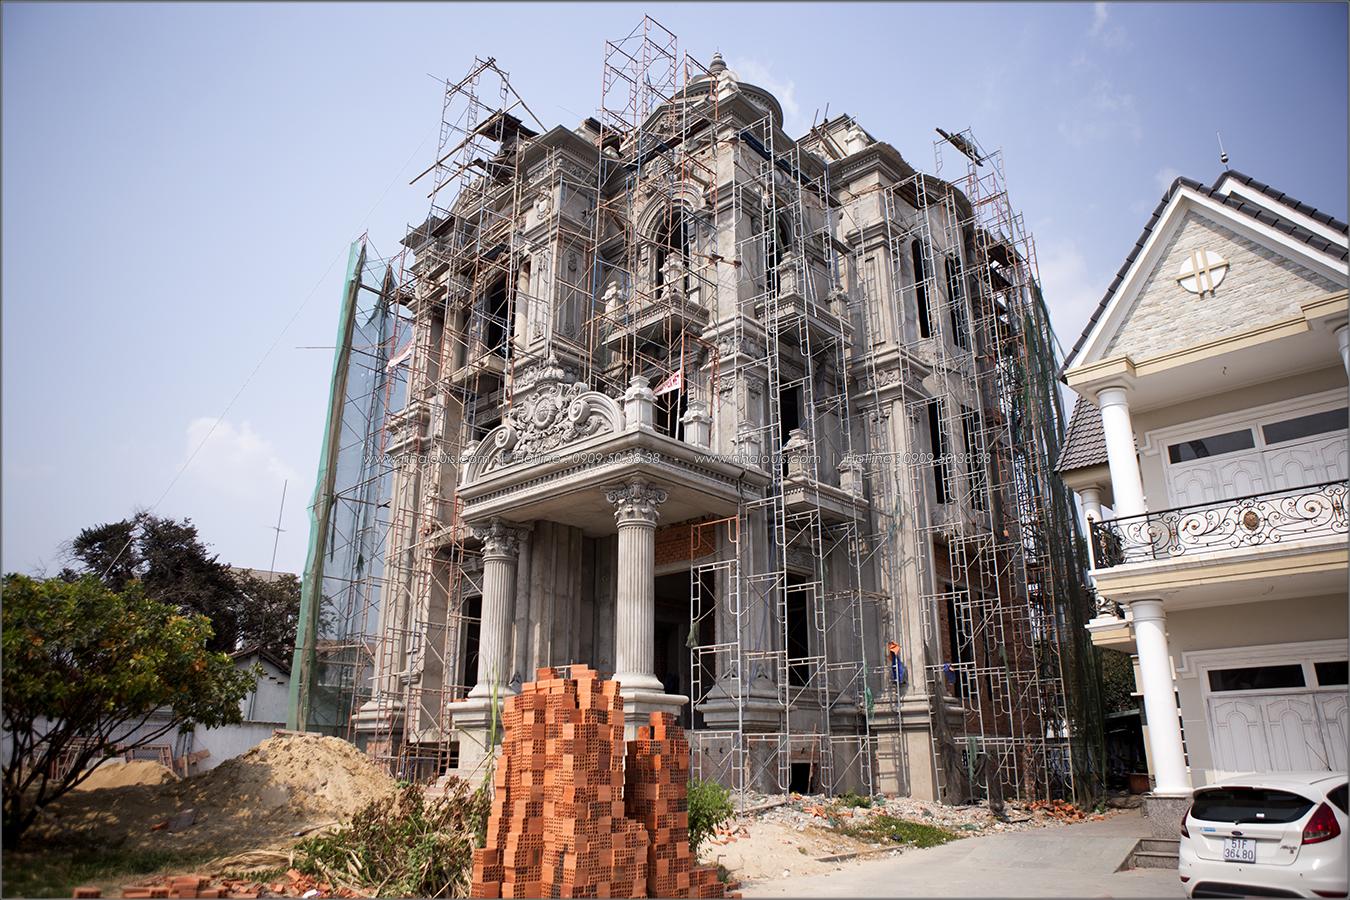 Nhận thi công xây dựng công trình và những công việc của nhà thầu - 1